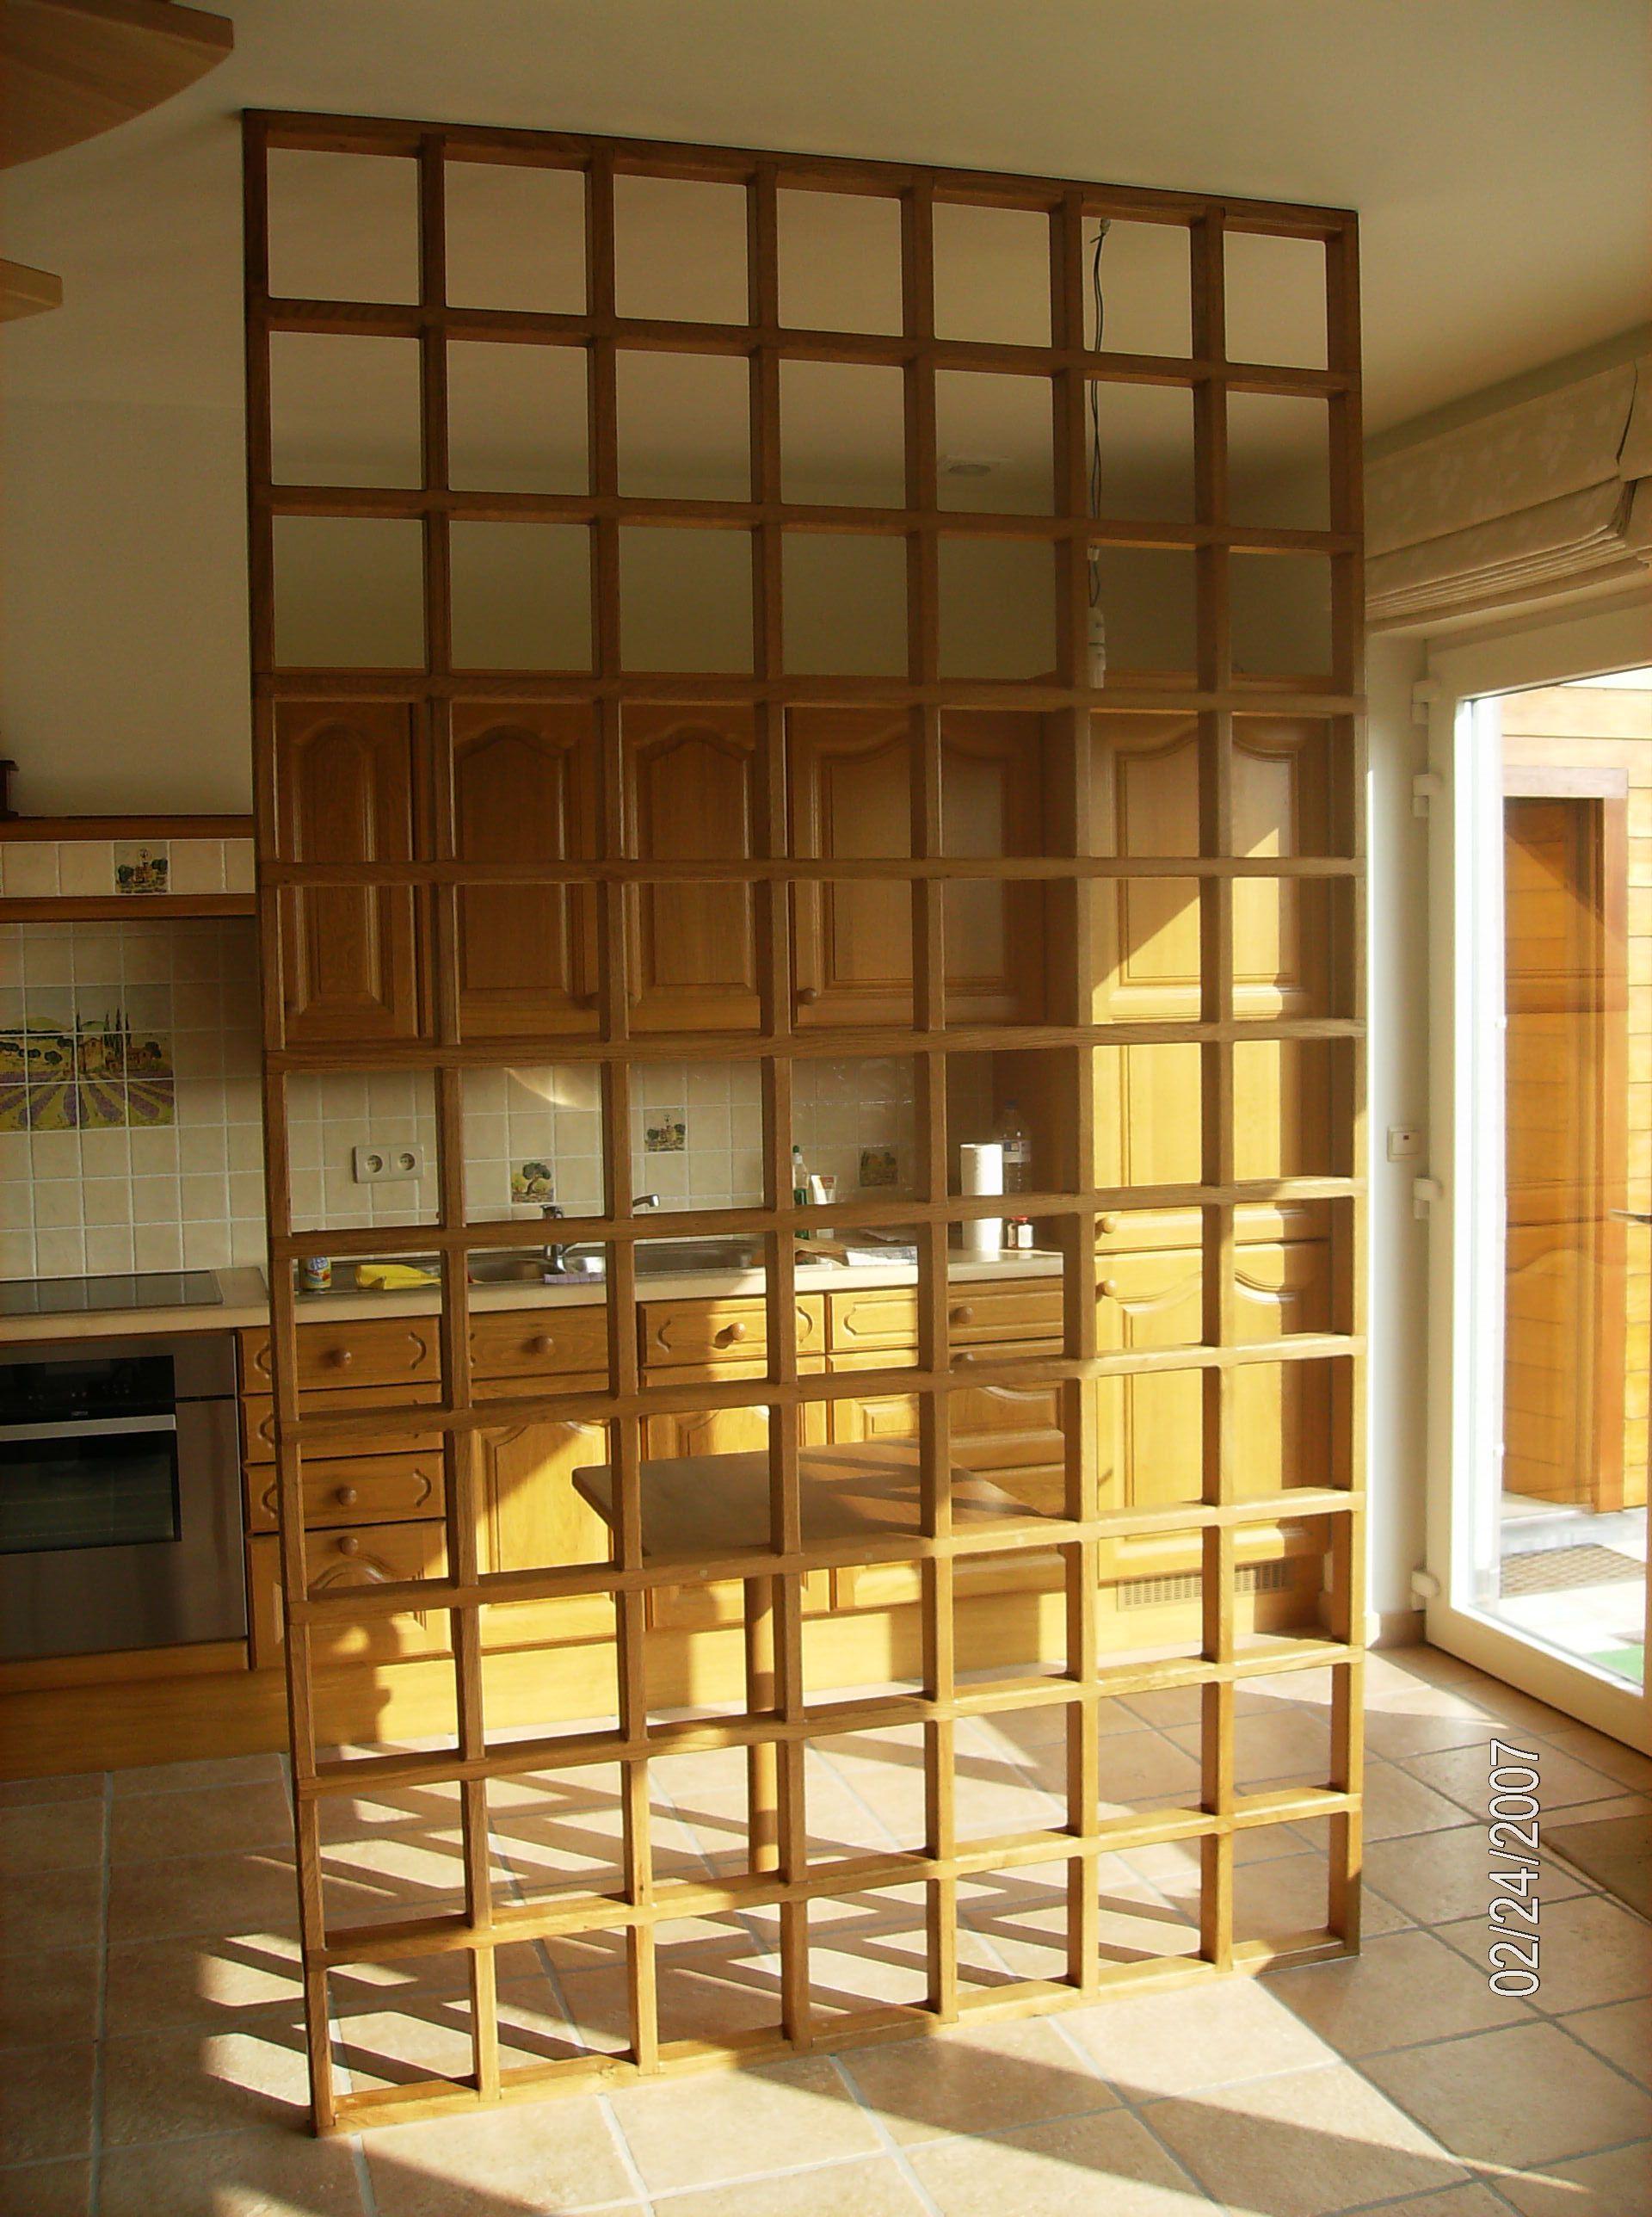 D Coration Meuble Bibliotheque Ferme 96 Boulogne Billancourt Deco Chambre Bebe Fille